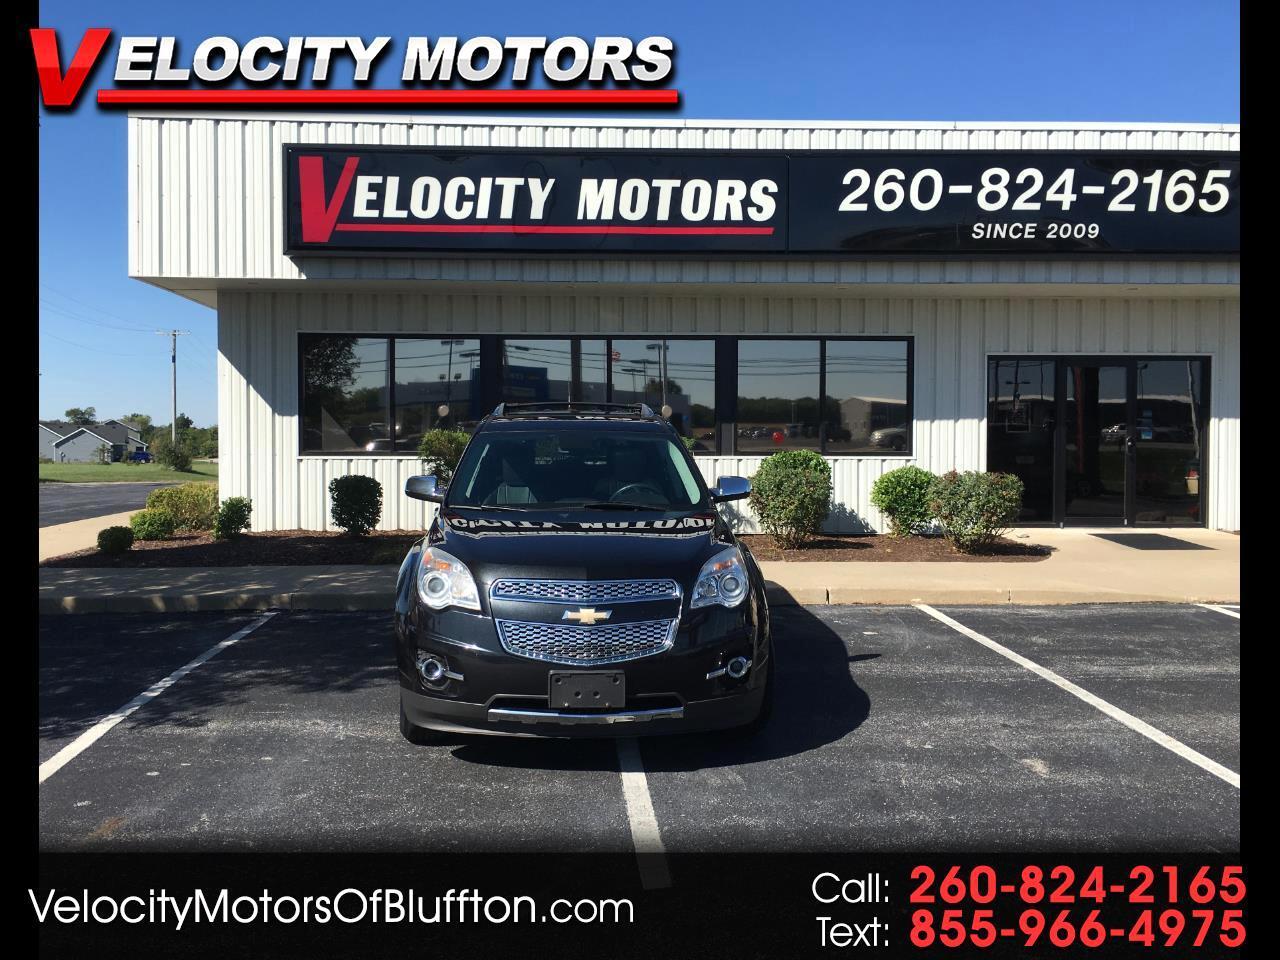 Chevrolet Equinox FWD 4dr LTZ 2012